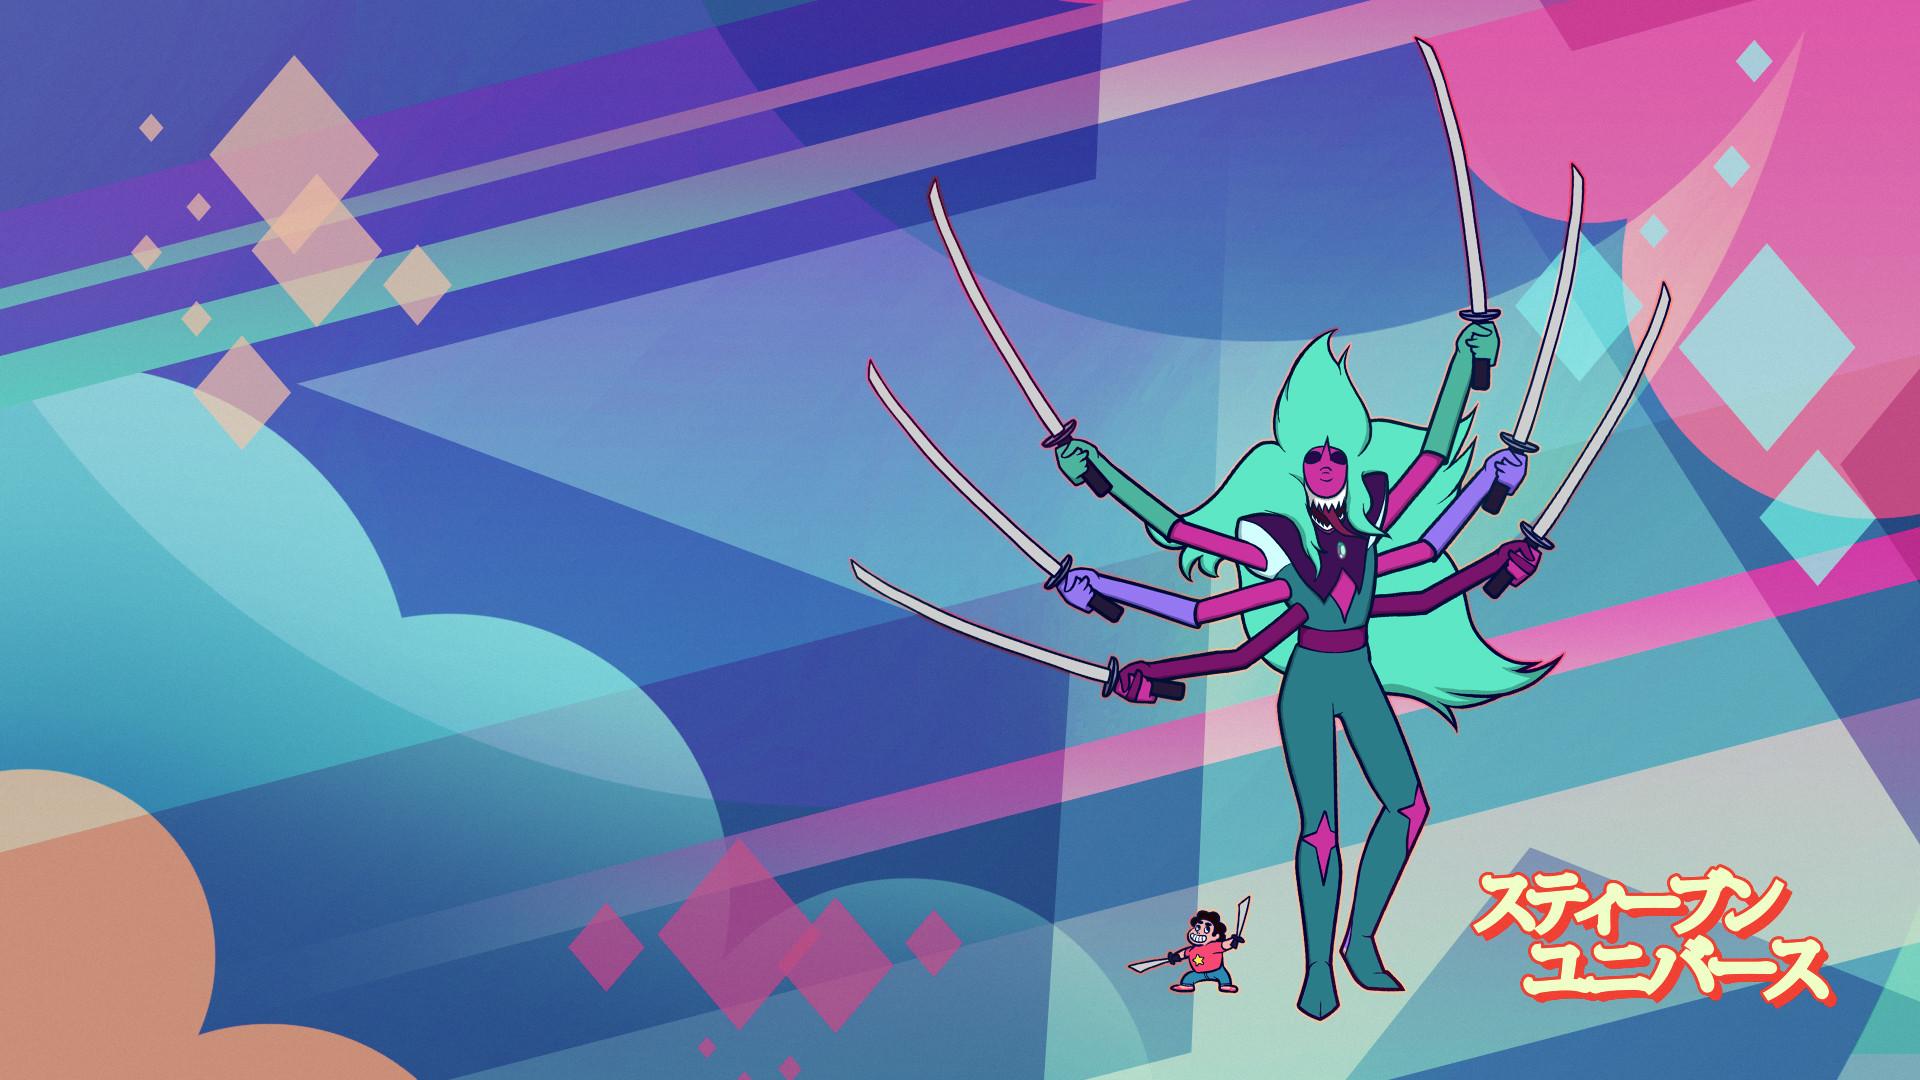 Steven Universe – Alexandrite Wallpaper by Veletan Steven Universe –  Alexandrite Wallpaper by Veletan